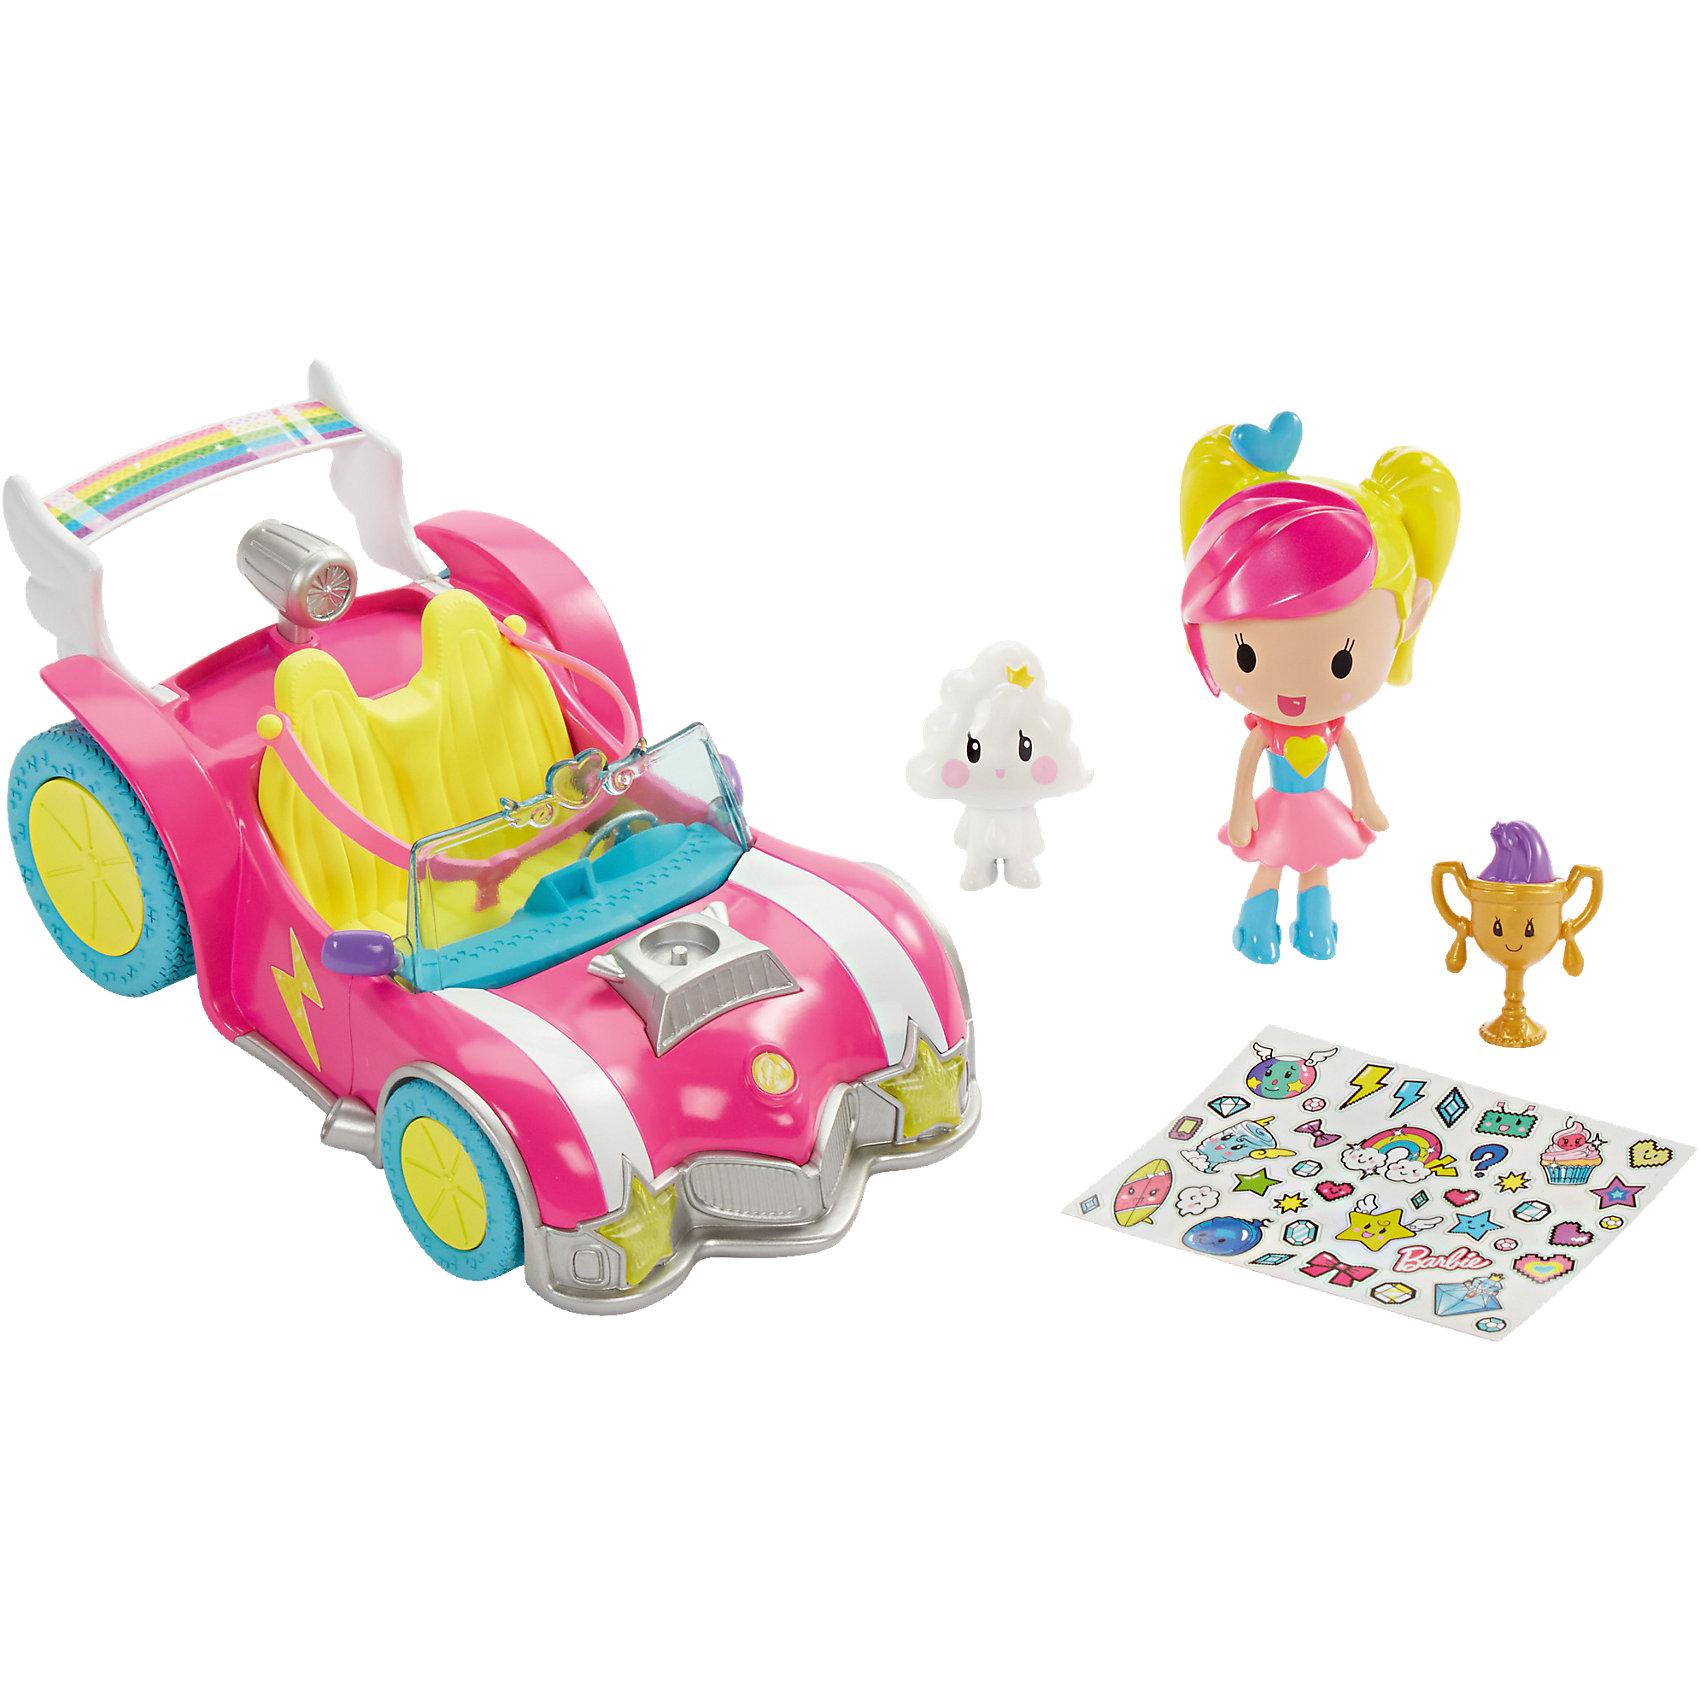 Автомобиль из серии «Barbie и виртуальный мир»Коляски и транспорт для кукол<br>Автомобиль из серии «Barbie и виртуальный мир», (Барби)<br><br>Характеристики:<br><br>• автомобиль можно украсить наклейками (входят в комплект)<br>• набор создан на основе мультфильма Барби и виртуальный мир<br>• в комплекте: кукла, автомобиль, фигурки, наклейки<br>• материал: пластик<br>• размер упаковки: 16х13х36 см<br>• вес: 630 грамм<br><br>Маленькая Барби надела трико, юбочку, сапожки и готова к невероятным приключениям на своем автомобиле! В помощники она выбрала двух персонажей из мультфильма. Остается только украсить транспорт наклейками и мчаться навстречу захватывающему виртуальному миру. Найдите трофей и получите доступ к уникальному дополнению для игры в приложении Barbie Life. <br><br>Автомобиль из серии «Barbie и виртуальный мир», (Барби) вы можете купить в нашем интернет-магазине.<br><br>Ширина мм: 364<br>Глубина мм: 134<br>Высота мм: 167<br>Вес г: 486<br>Возраст от месяцев: 36<br>Возраст до месяцев: 72<br>Пол: Женский<br>Возраст: Детский<br>SKU: 5257091